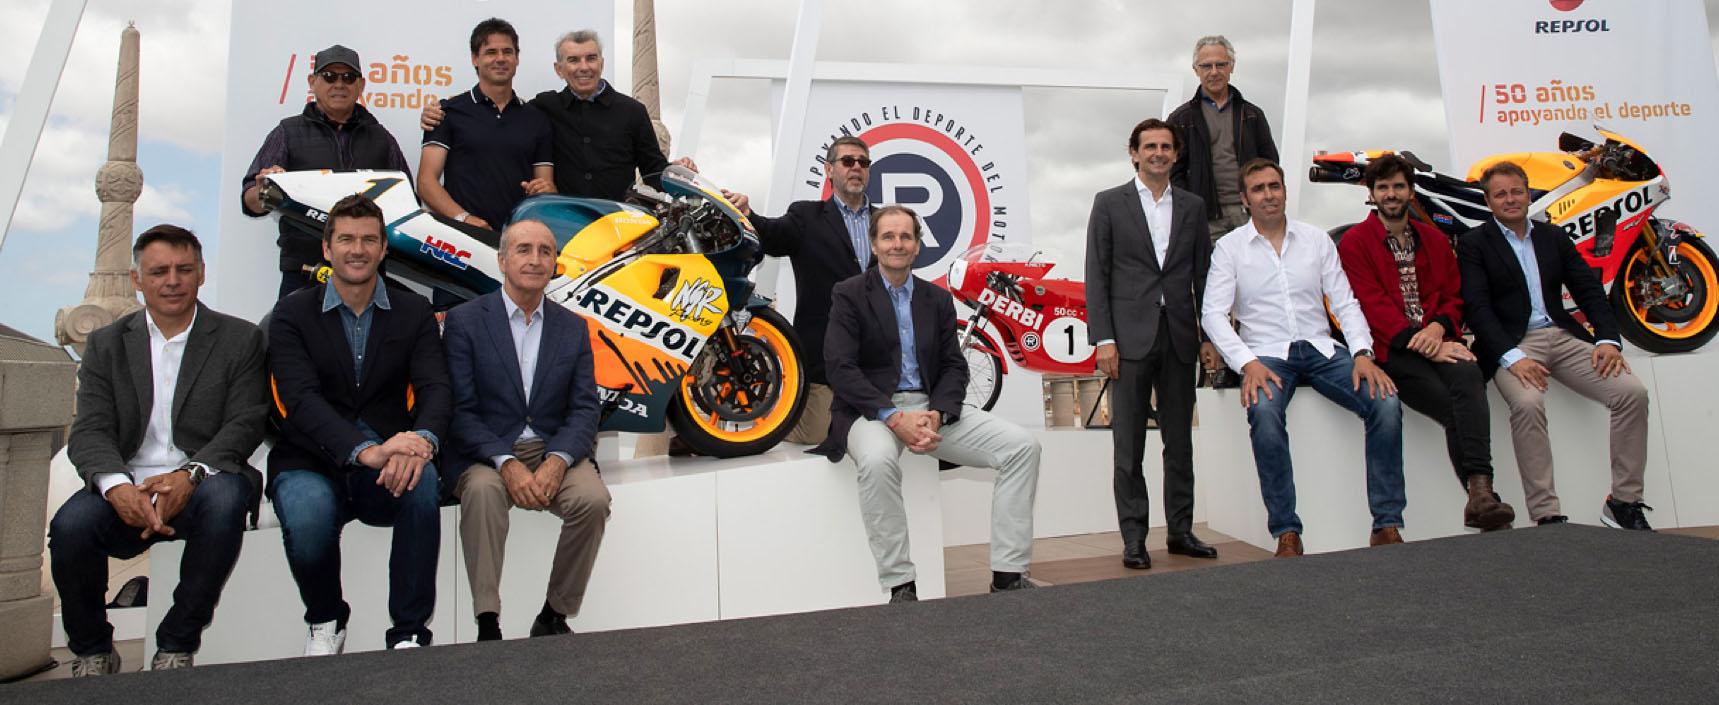 Exposición inédita en Barcelona con 21 coches y motos de los 50 años de Repsol en las competiciones de motor